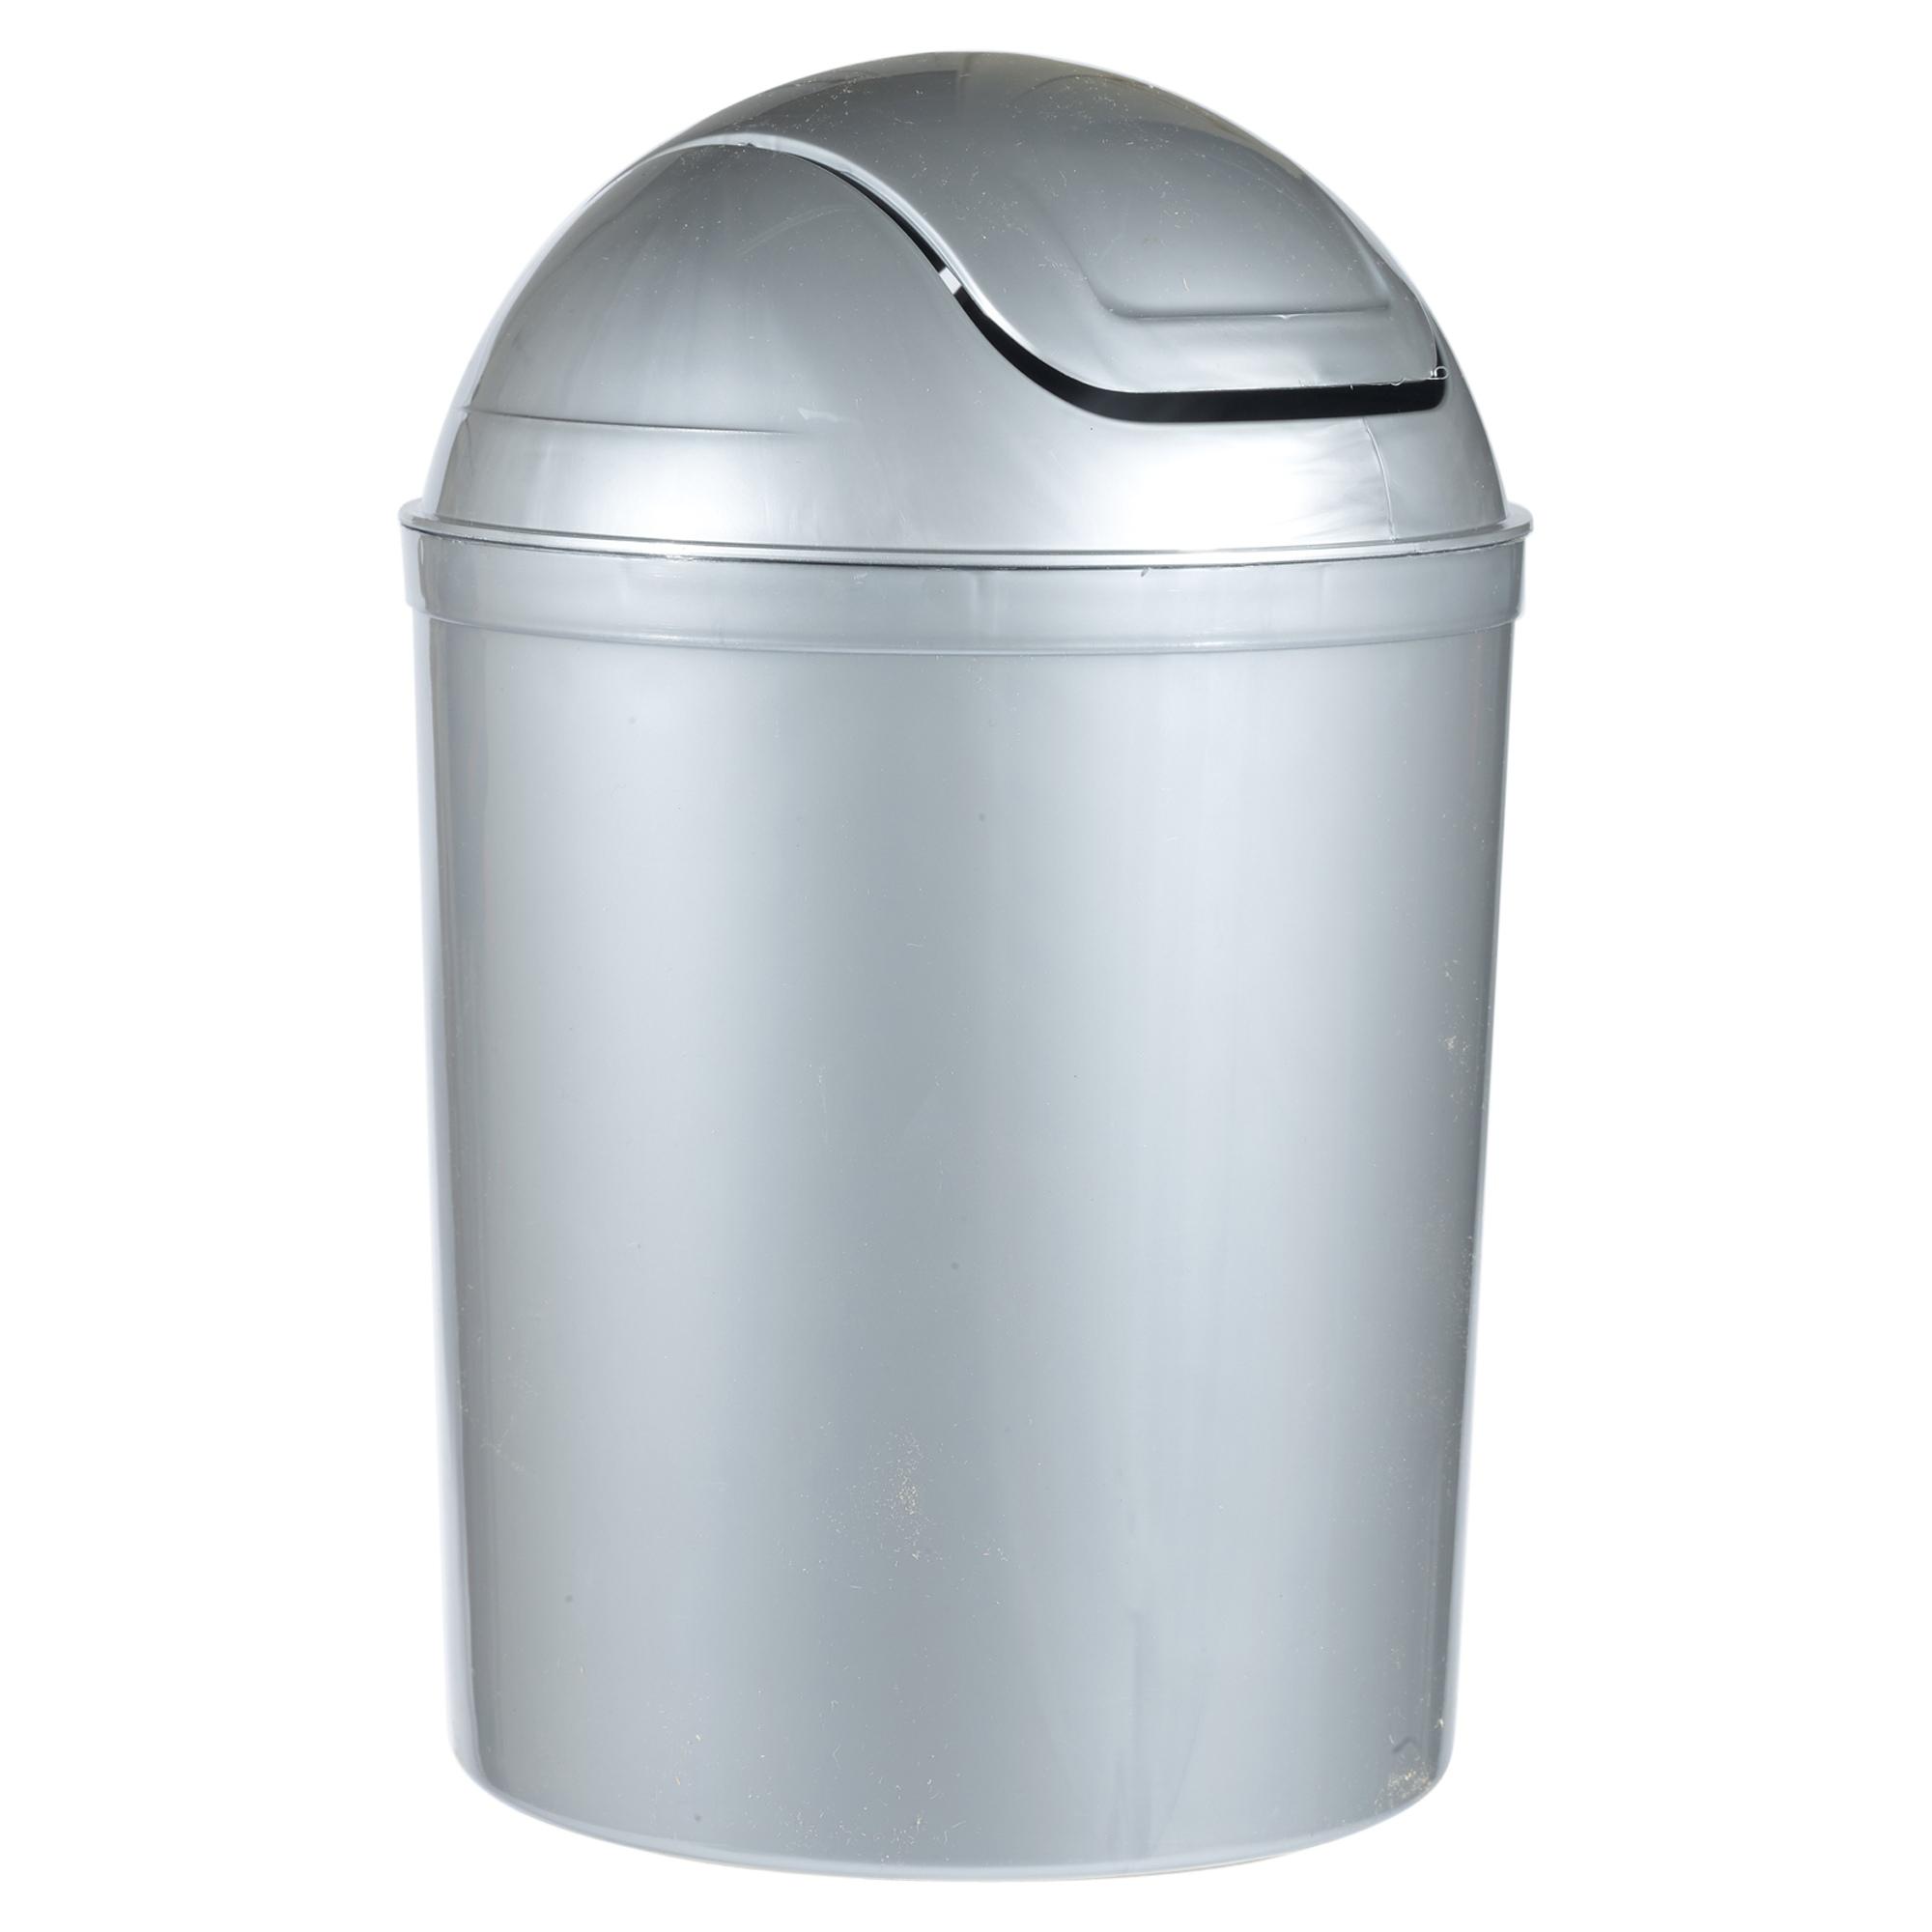 Plastic 5 Litre Swing Lid Waste Dustbin Rubbish Recycling Bin ...